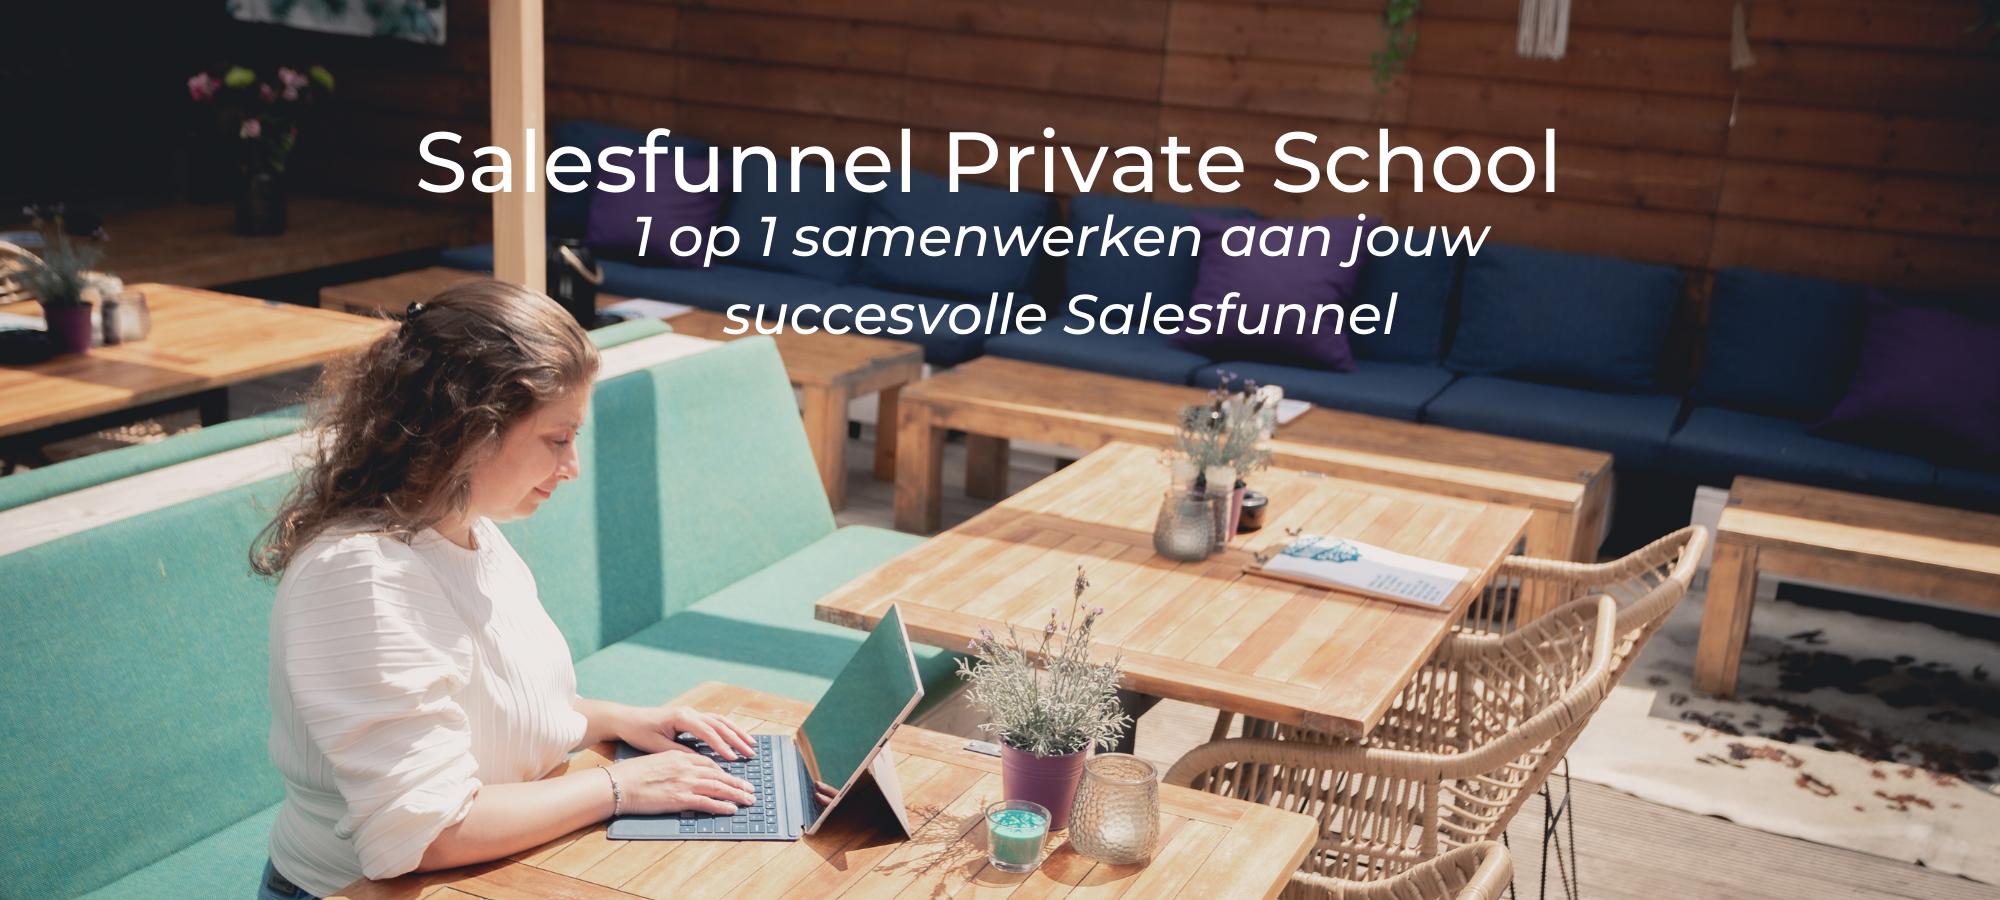 Salesfunnel Private School